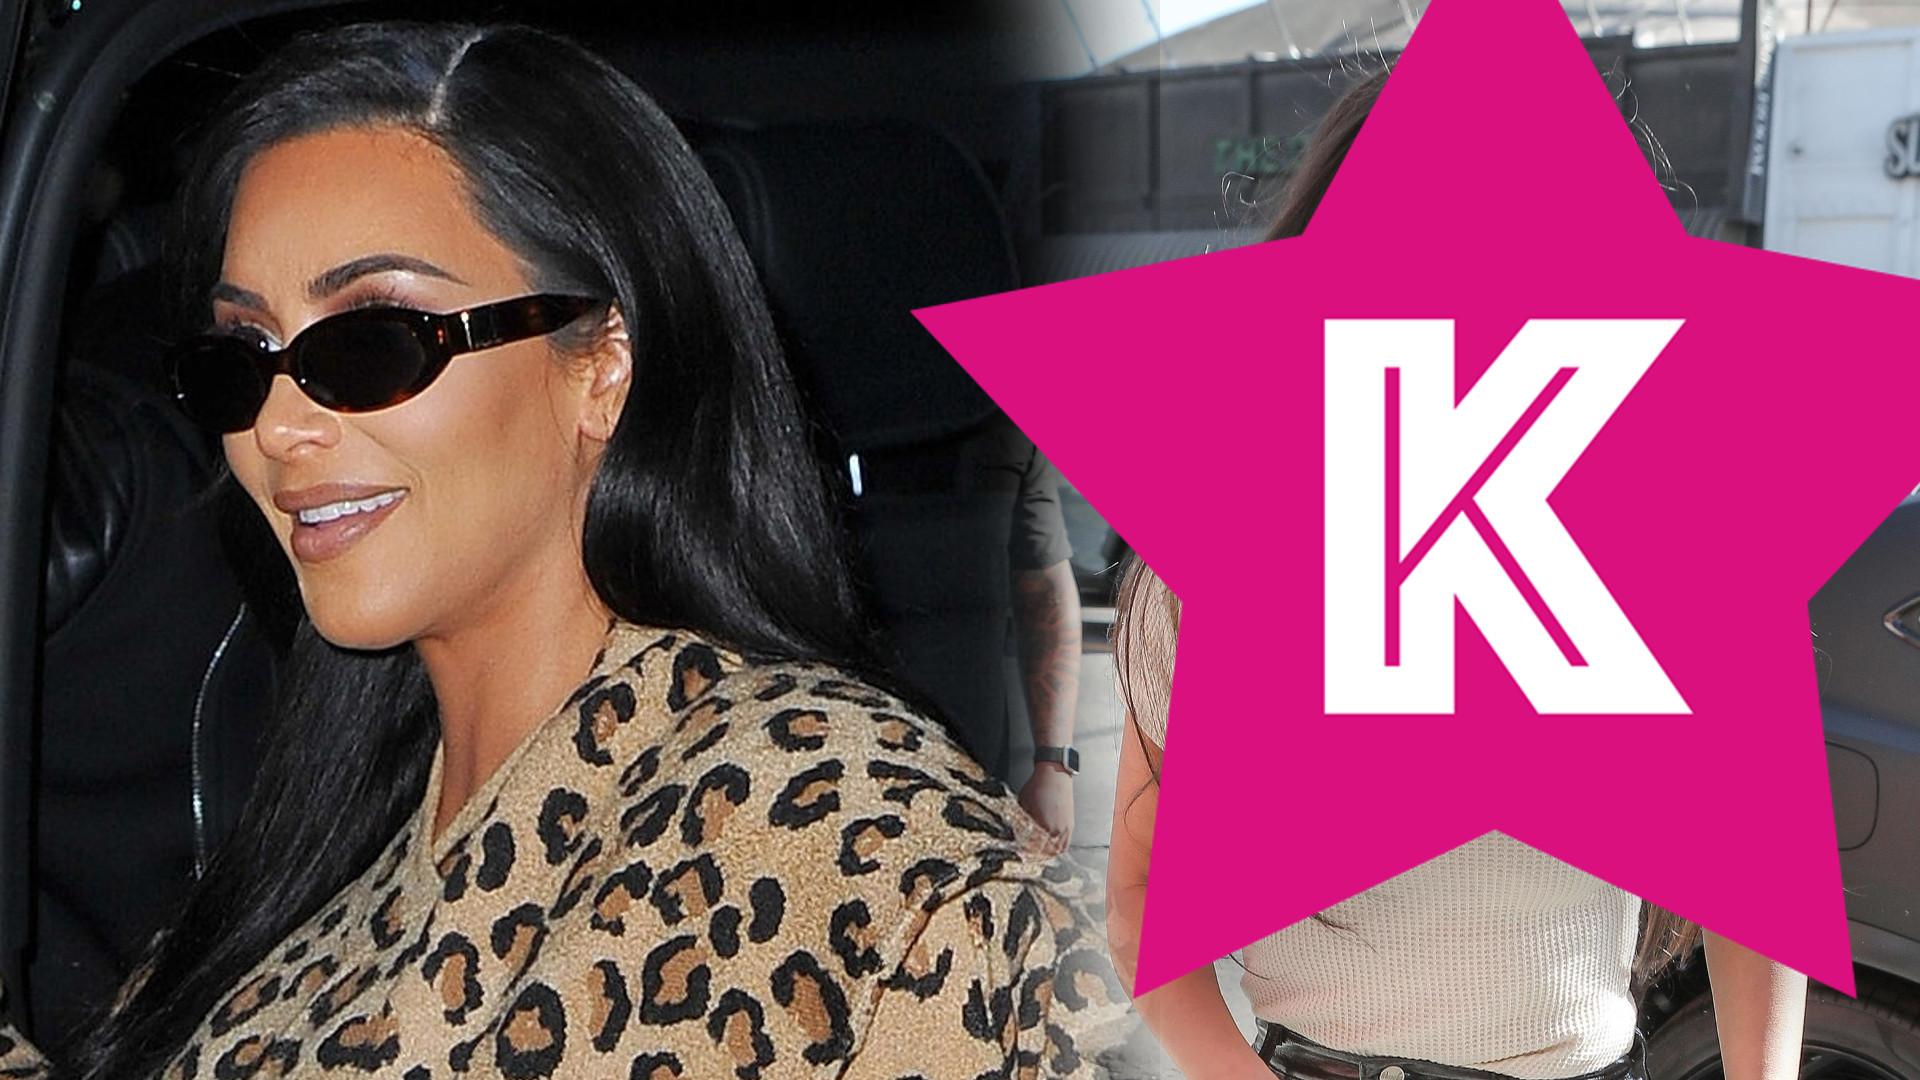 Kim Kardashian pozwoliła fryzjerowi obciąć jej włosy na PARKINGU – efekt jest WOW! (ZDJĘCIA)